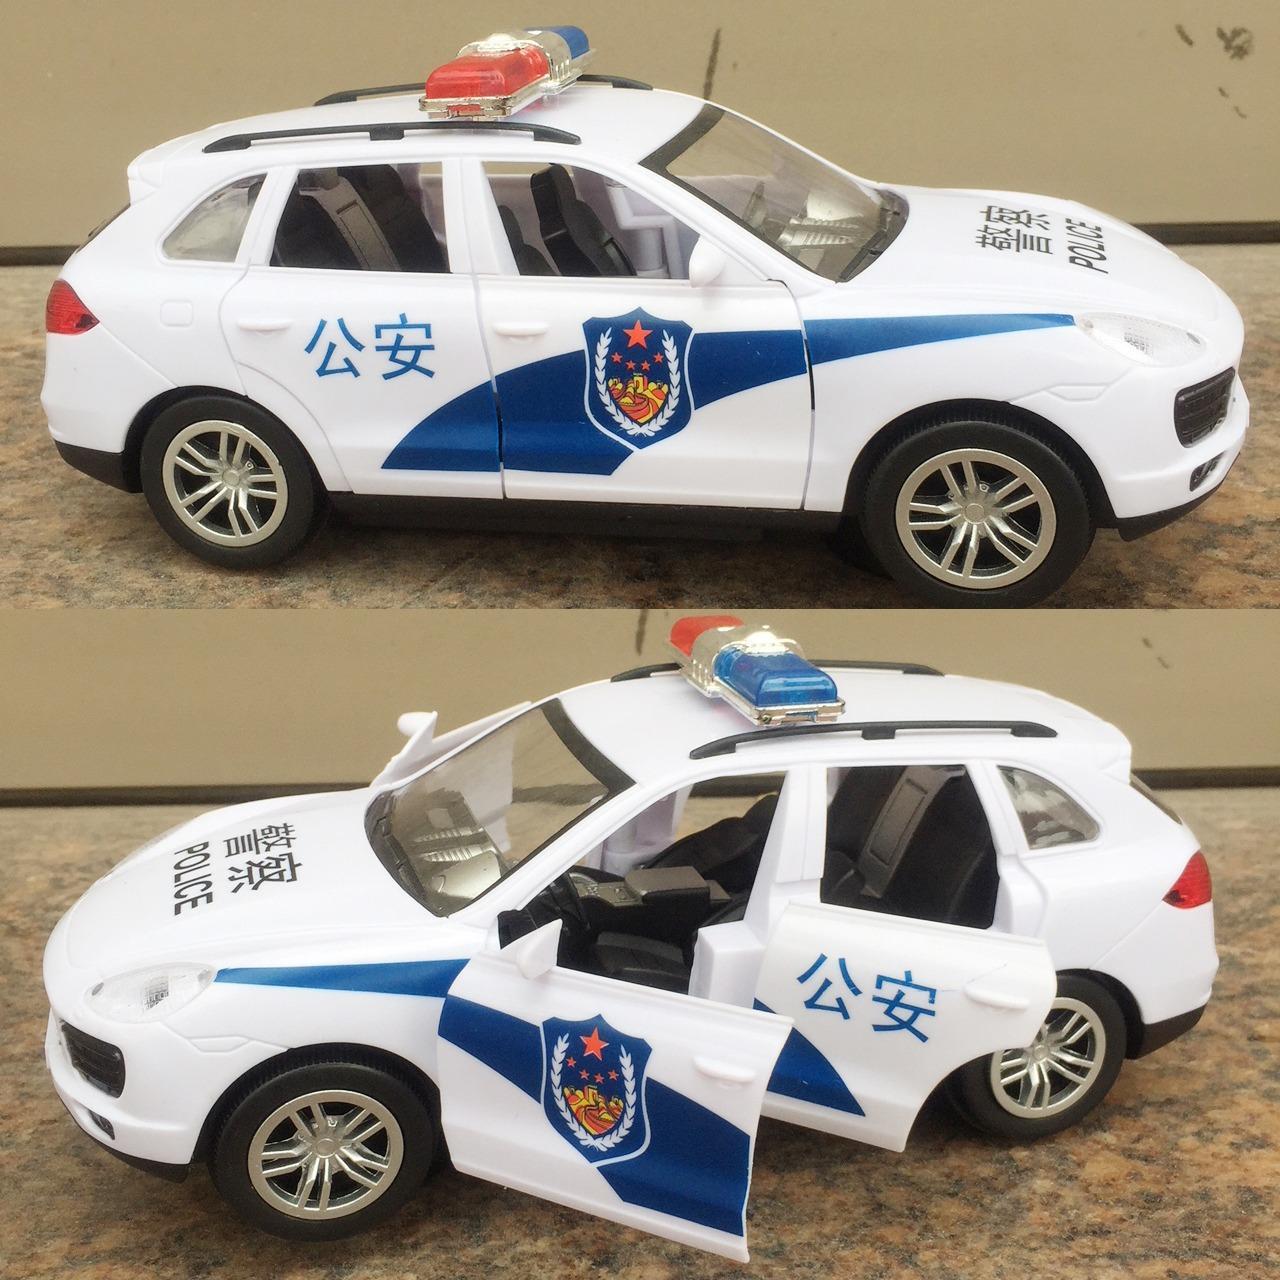 Xe cảnh sát có nhạc đèn mở cửa hạ ghế chạy pin